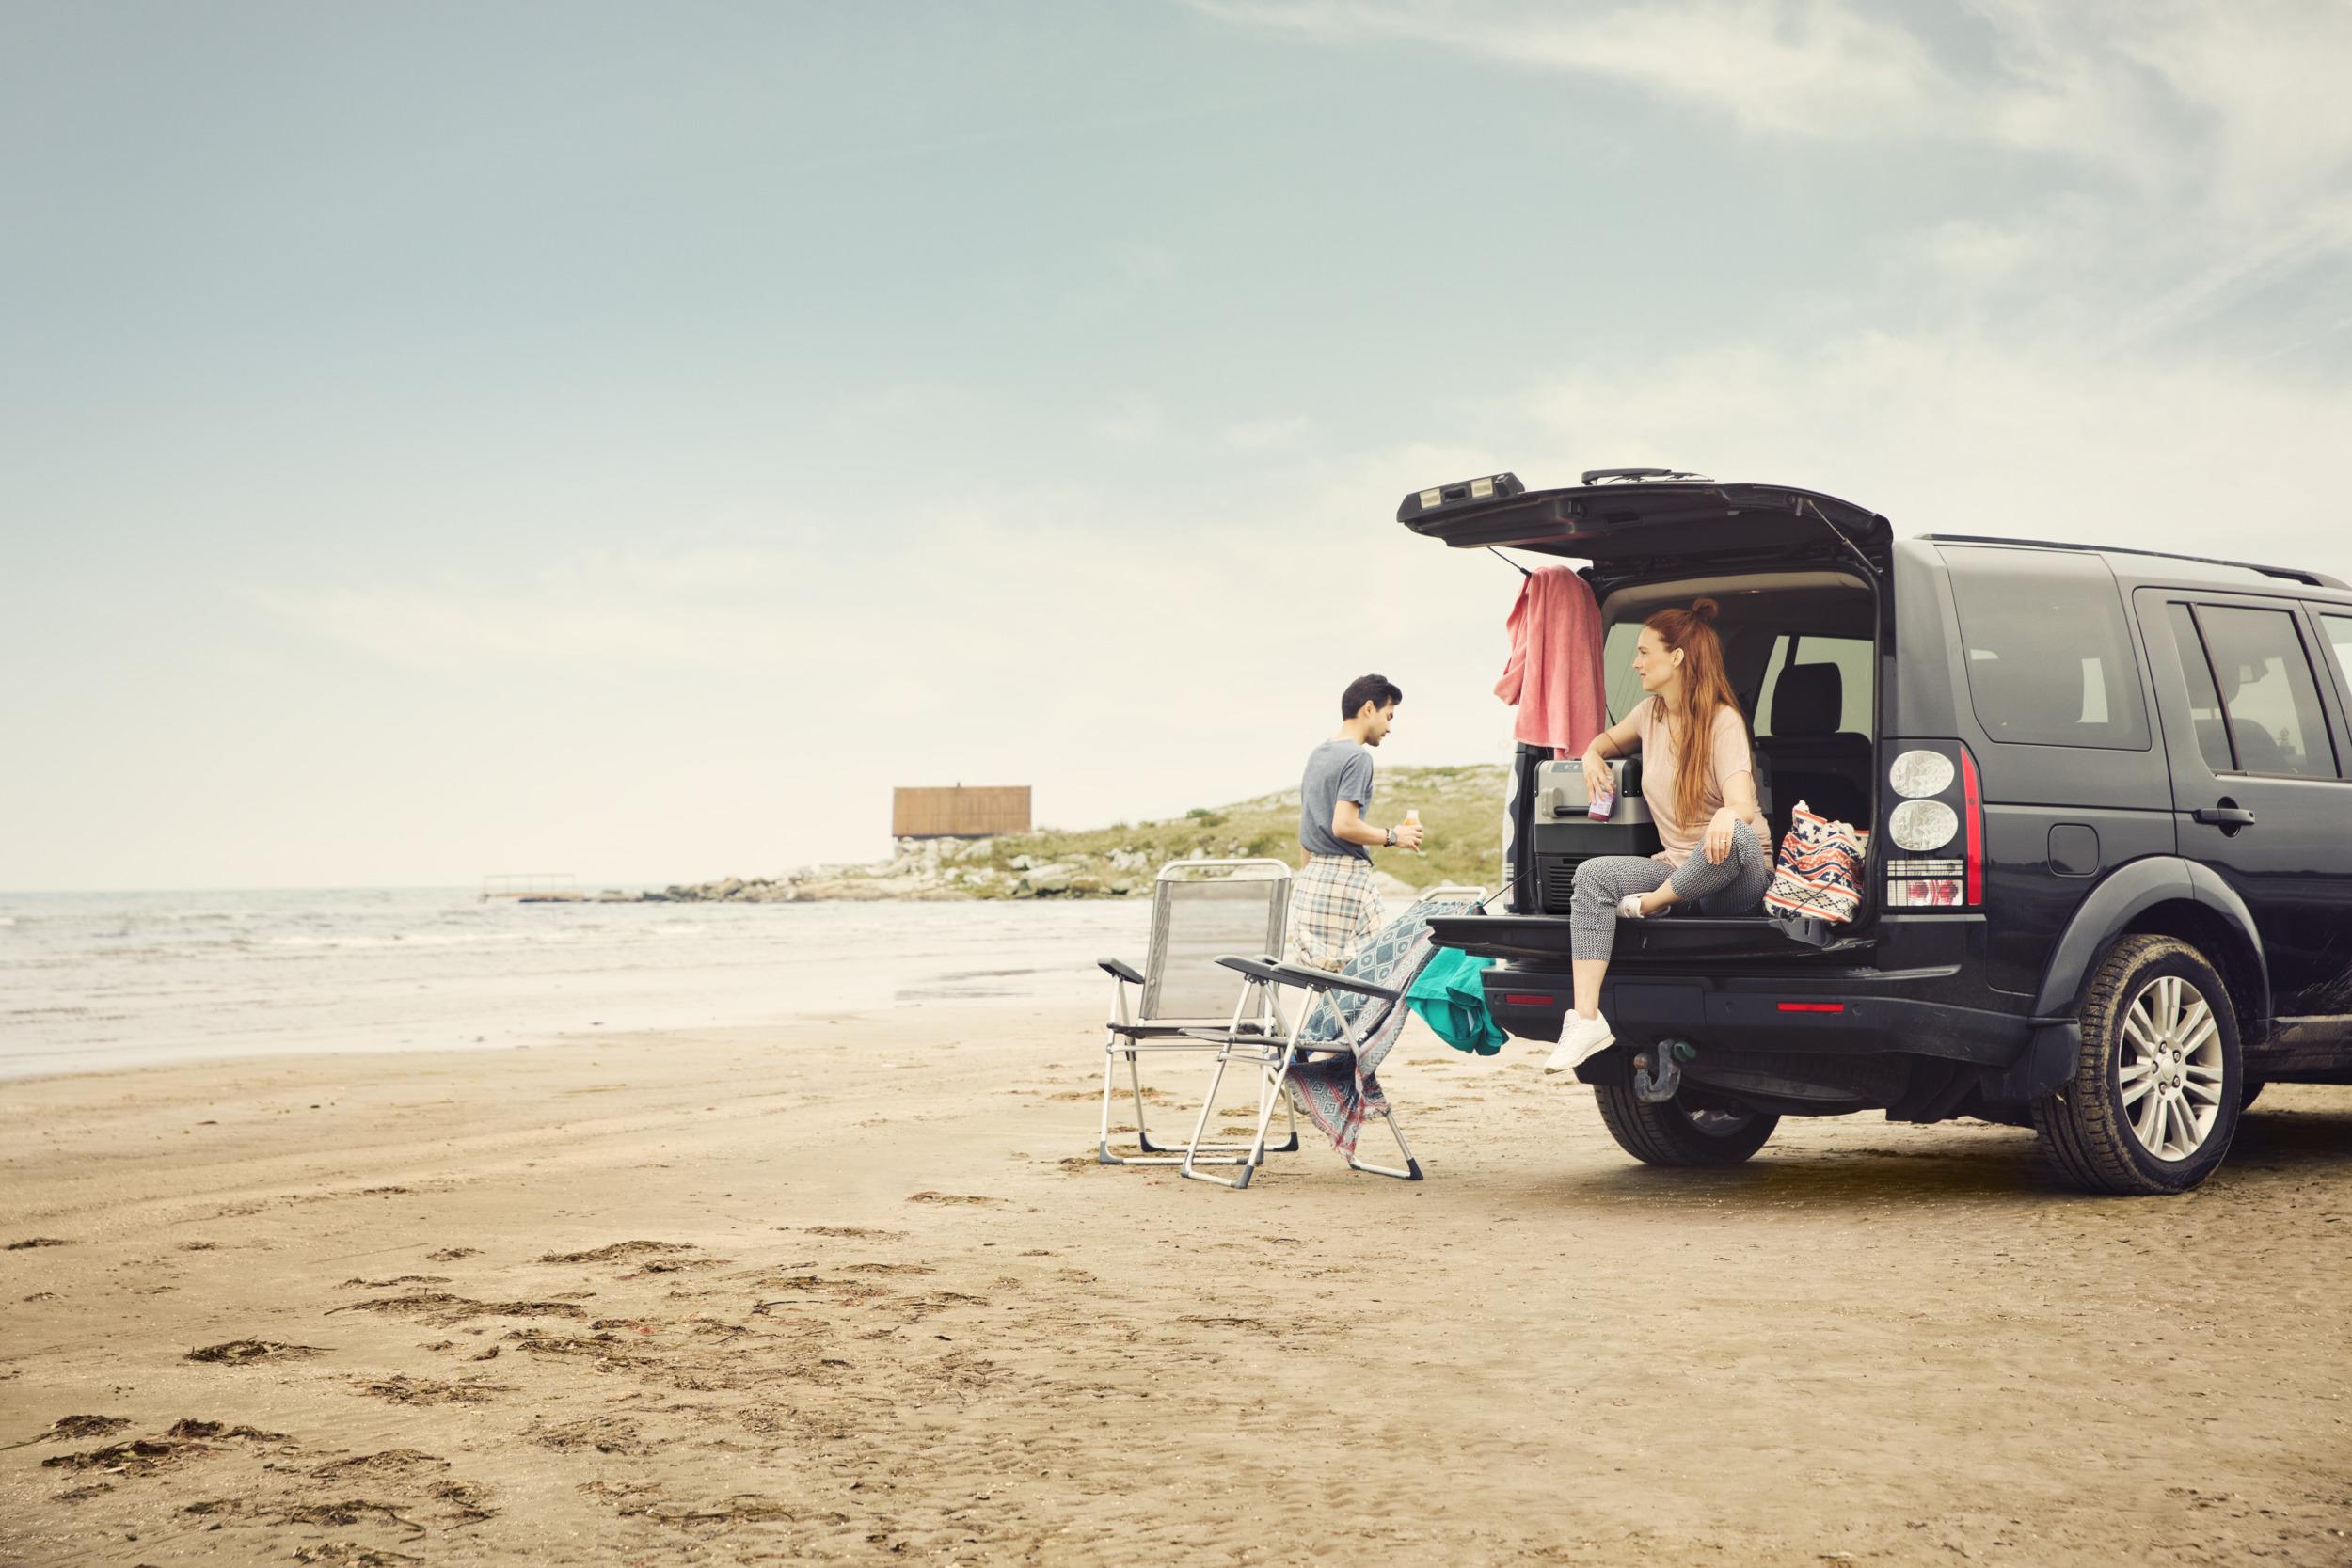 Kühlschrank Im Auto Lagern : ᐅ elektrische kühlboxen für camping & auto dometic